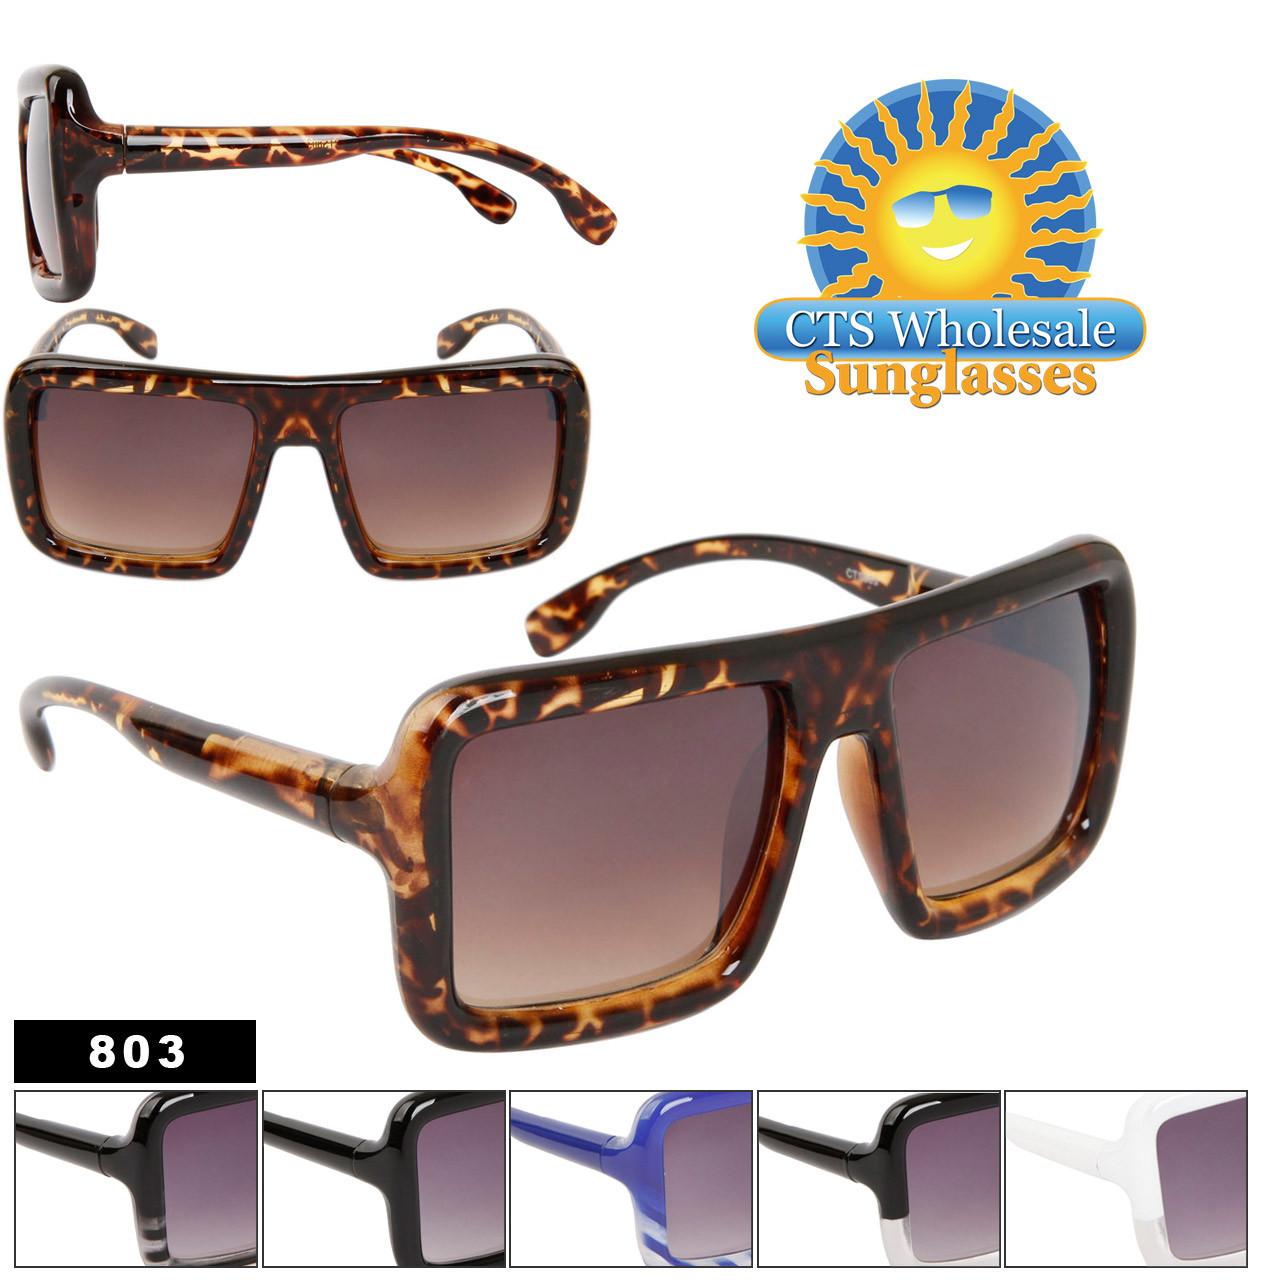 Cee Lo Green Sunglasses 803